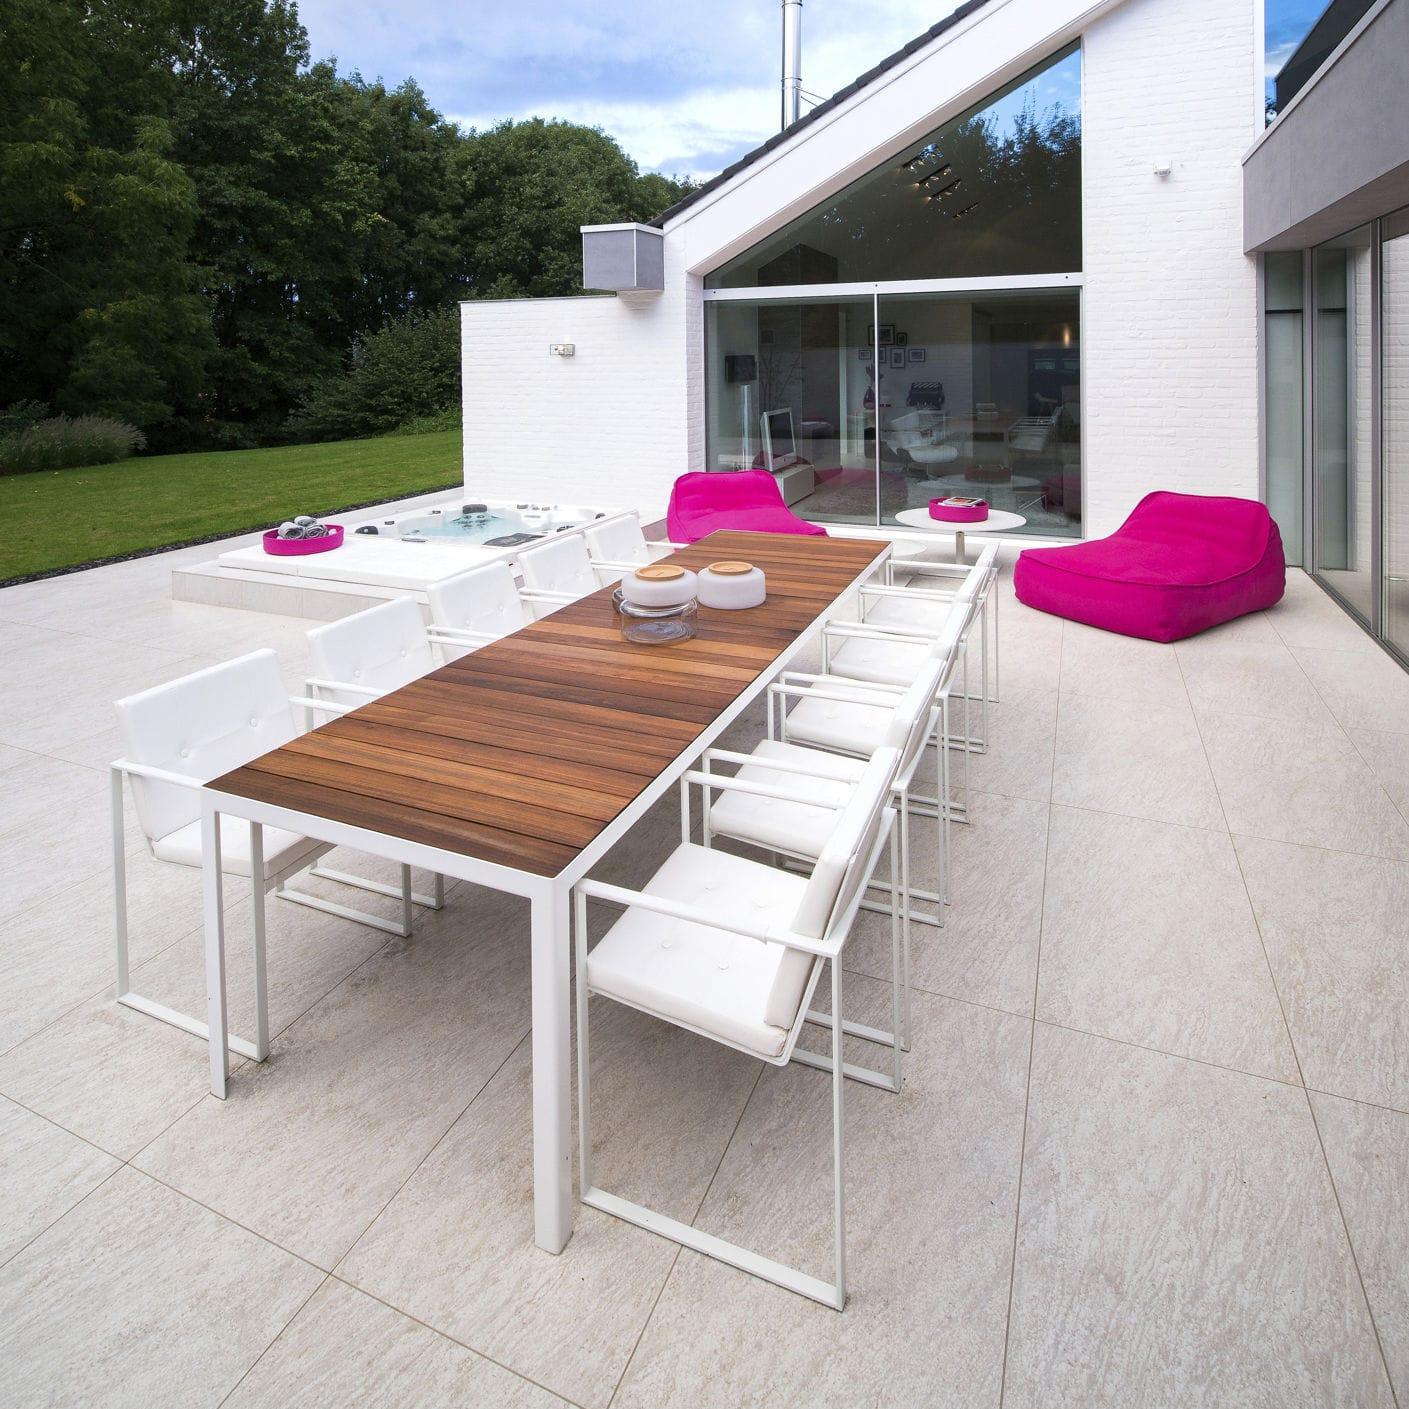 Garden Table Contemporary Teak Tempered Glass Nimio 200 260